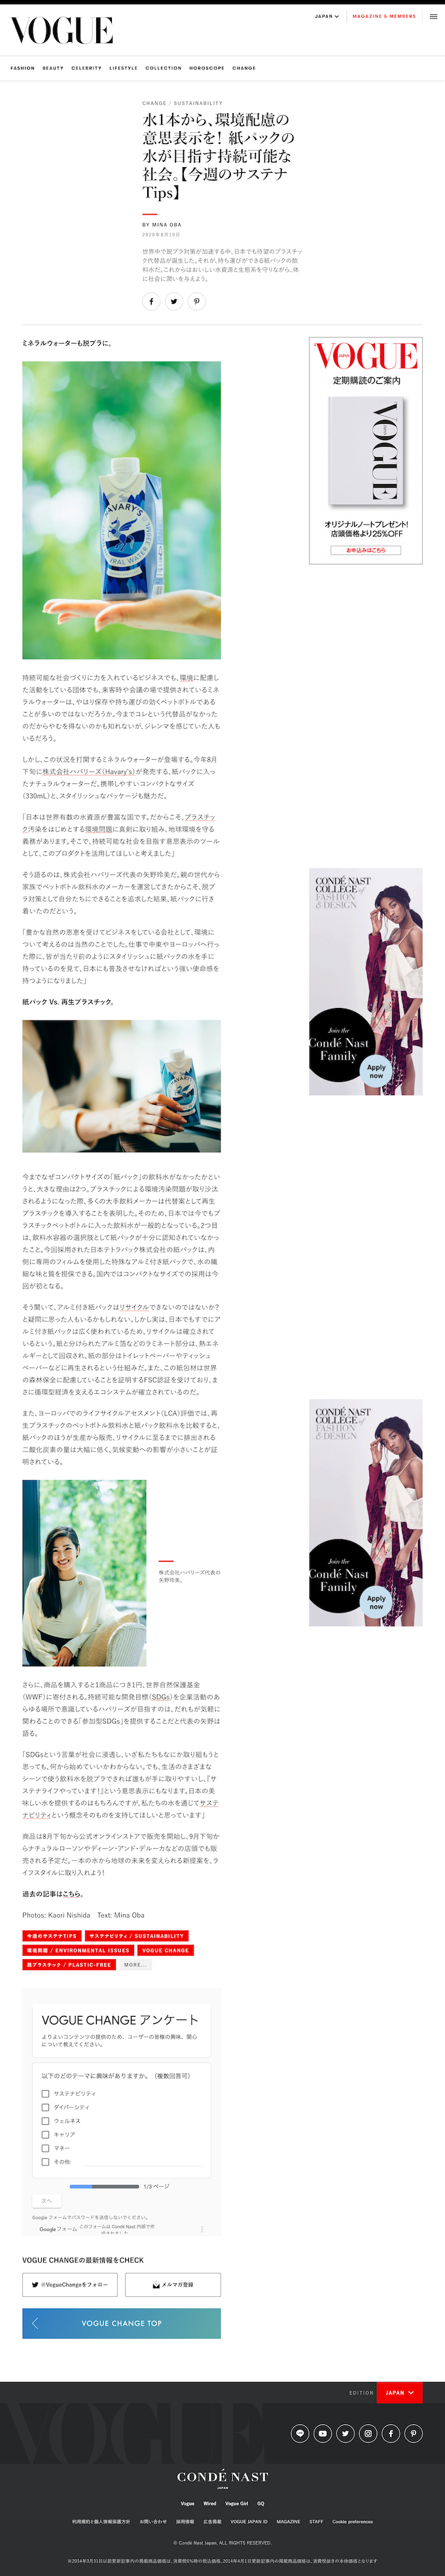 矢野玲美 ハバリーズ HAVARY'S 紙パックウォーター 紙パック水